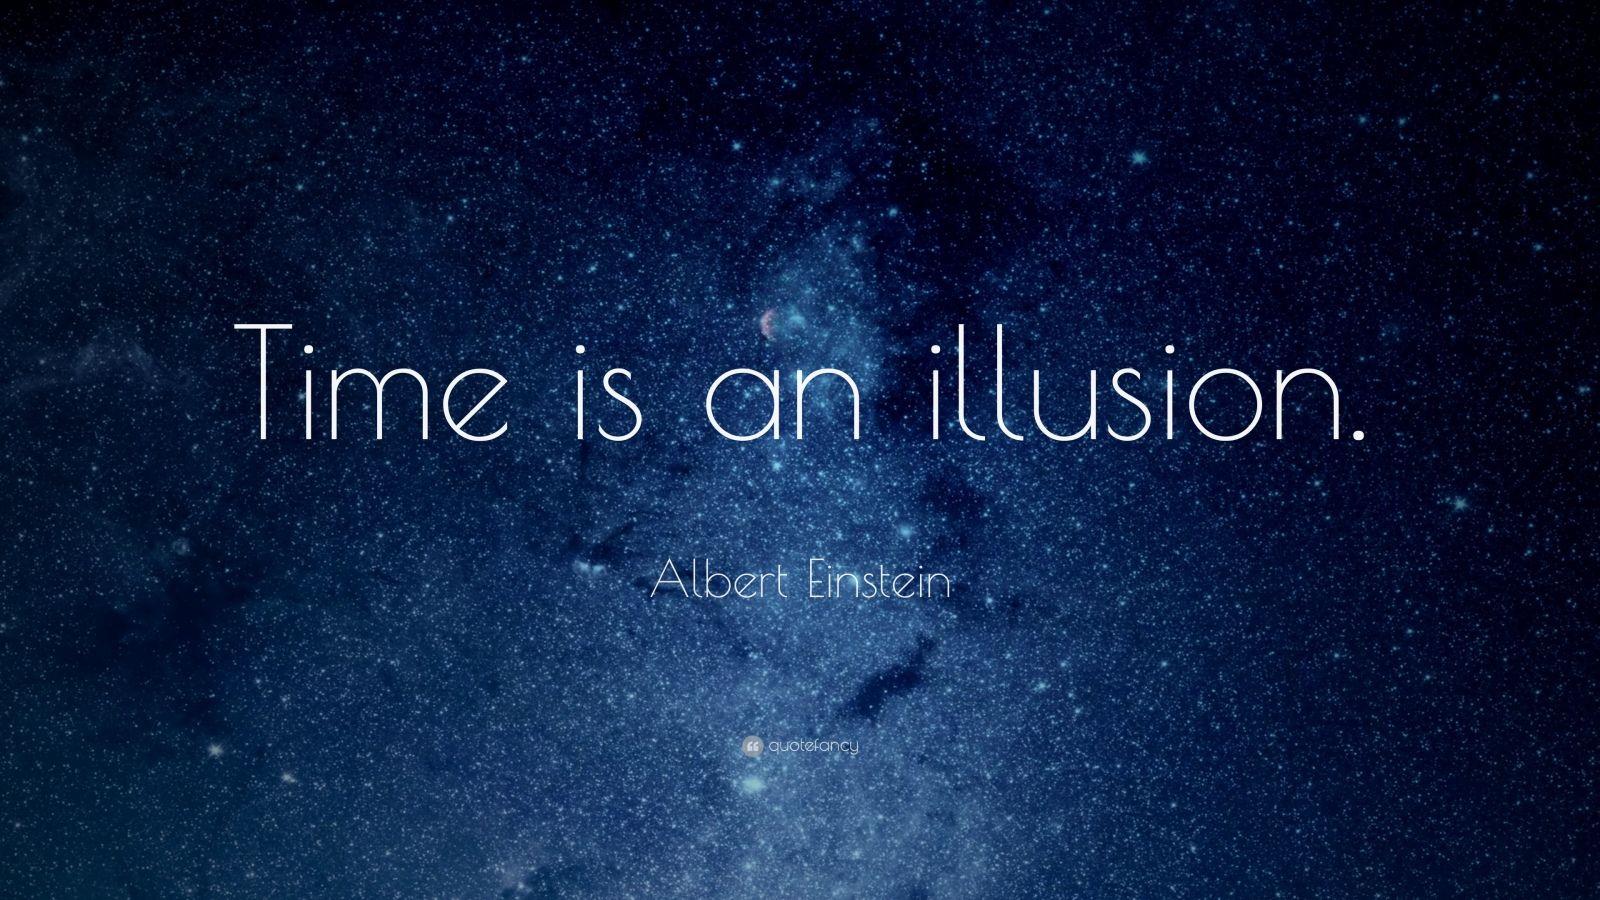 Insperational Quote Wallpaper Albert Einstein Quotes 48 Wallpapers Quotefancy